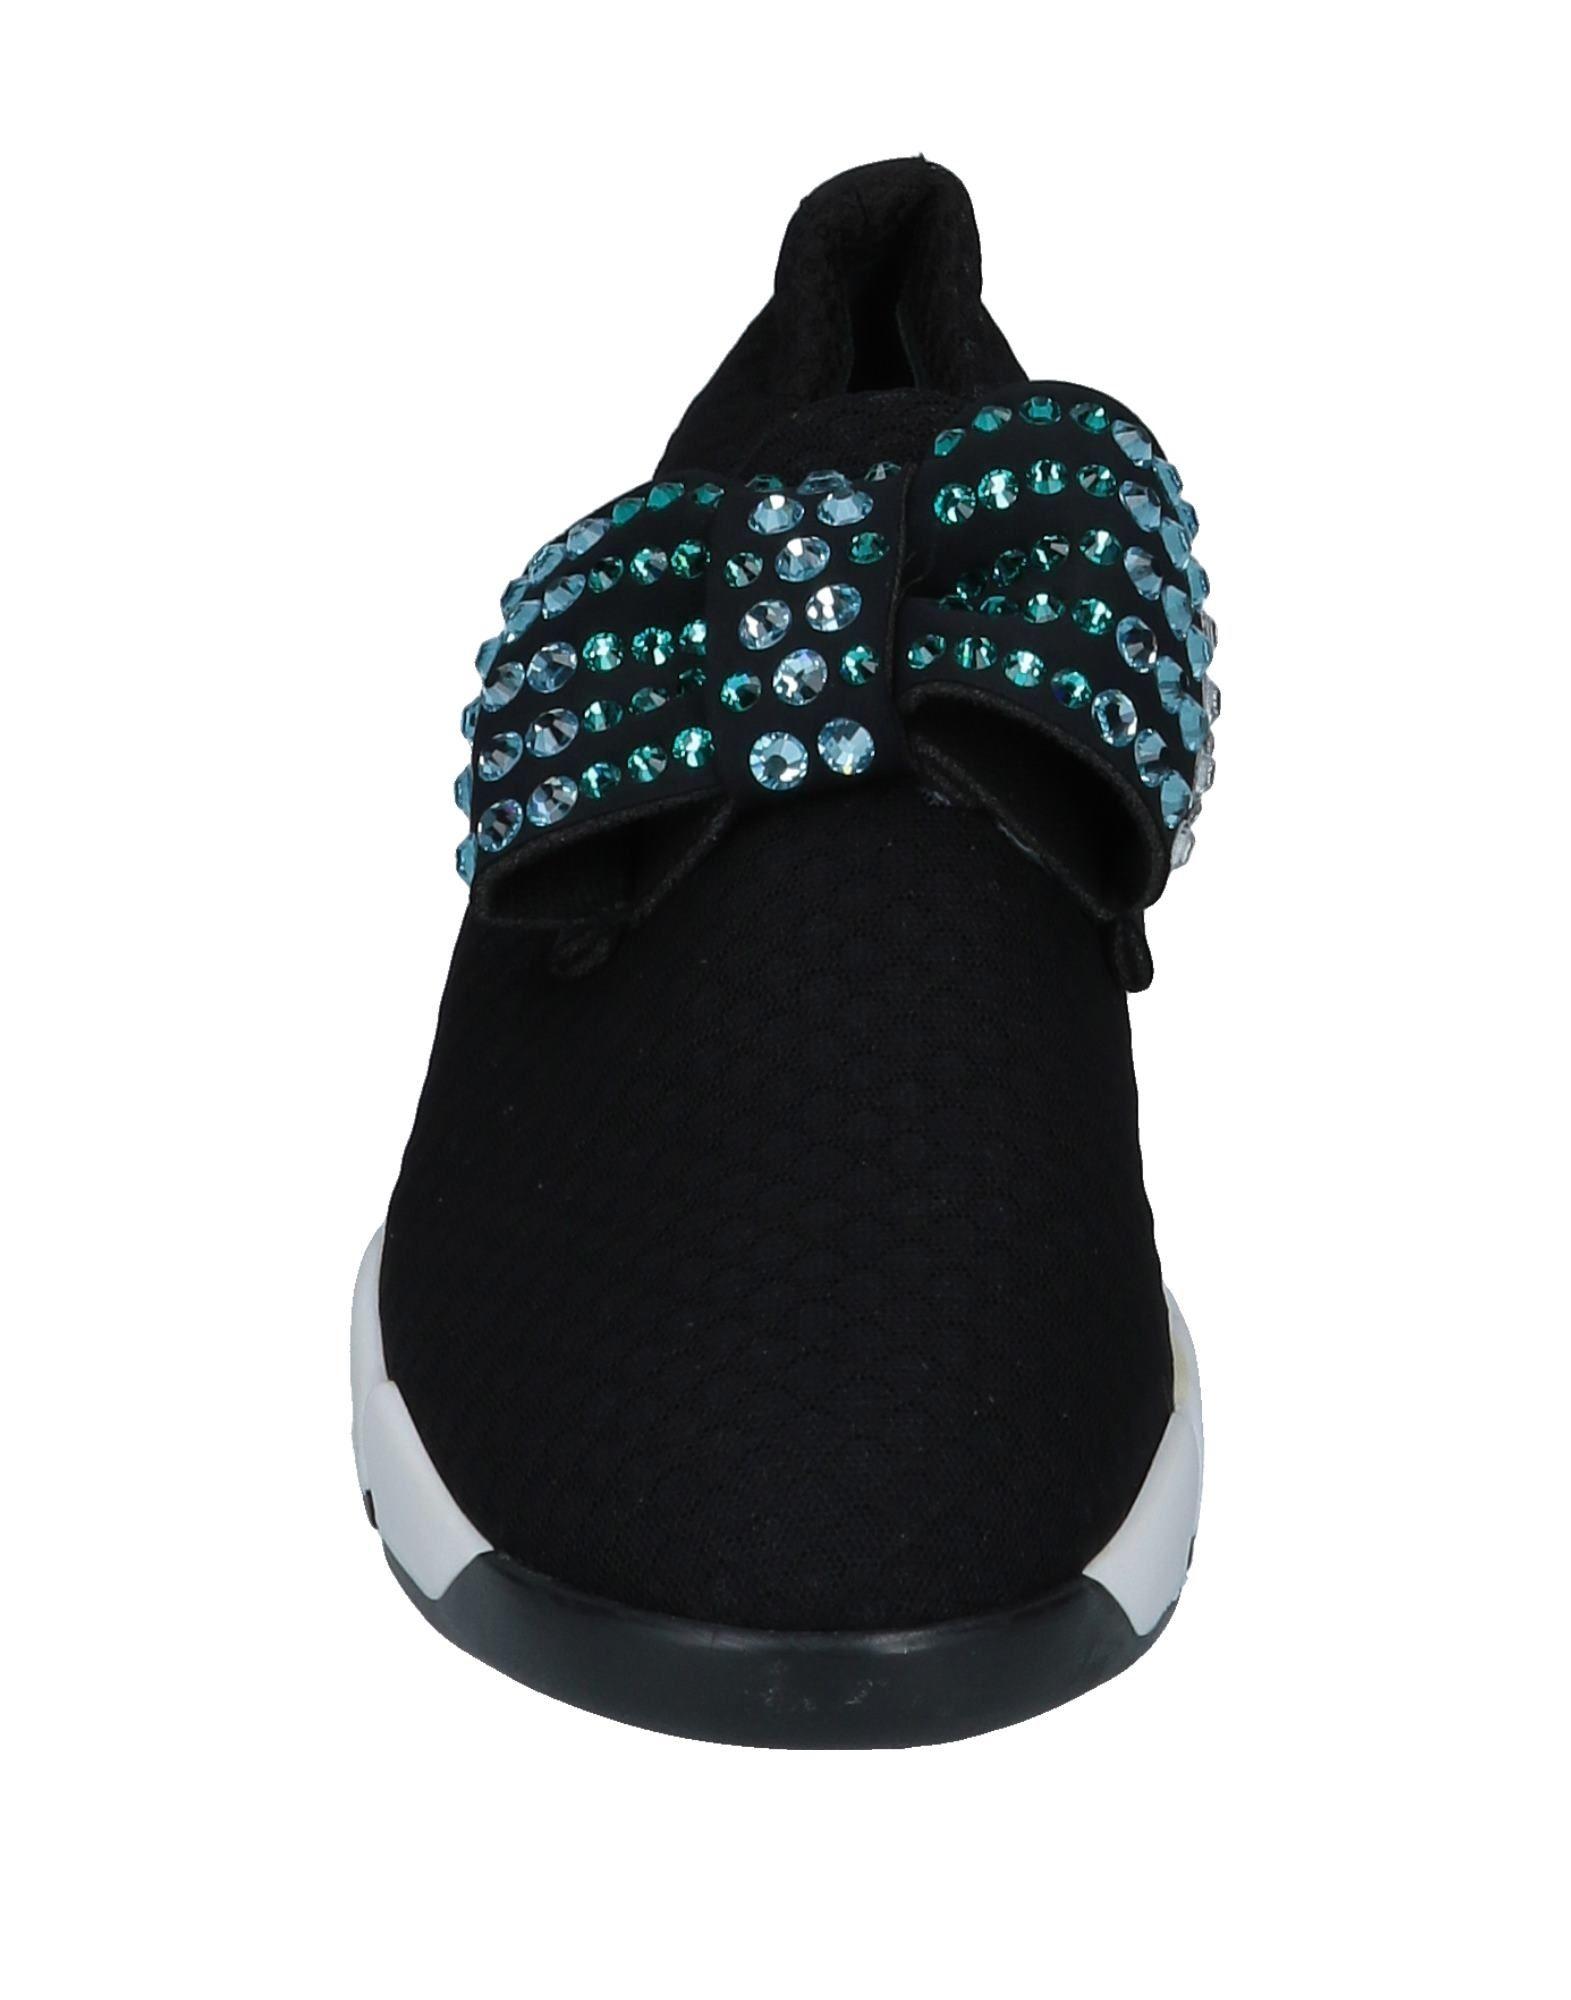 Stilvolle billige Schuhe Pinko Sneakers 11548841KD Damen  11548841KD Sneakers 3fc809